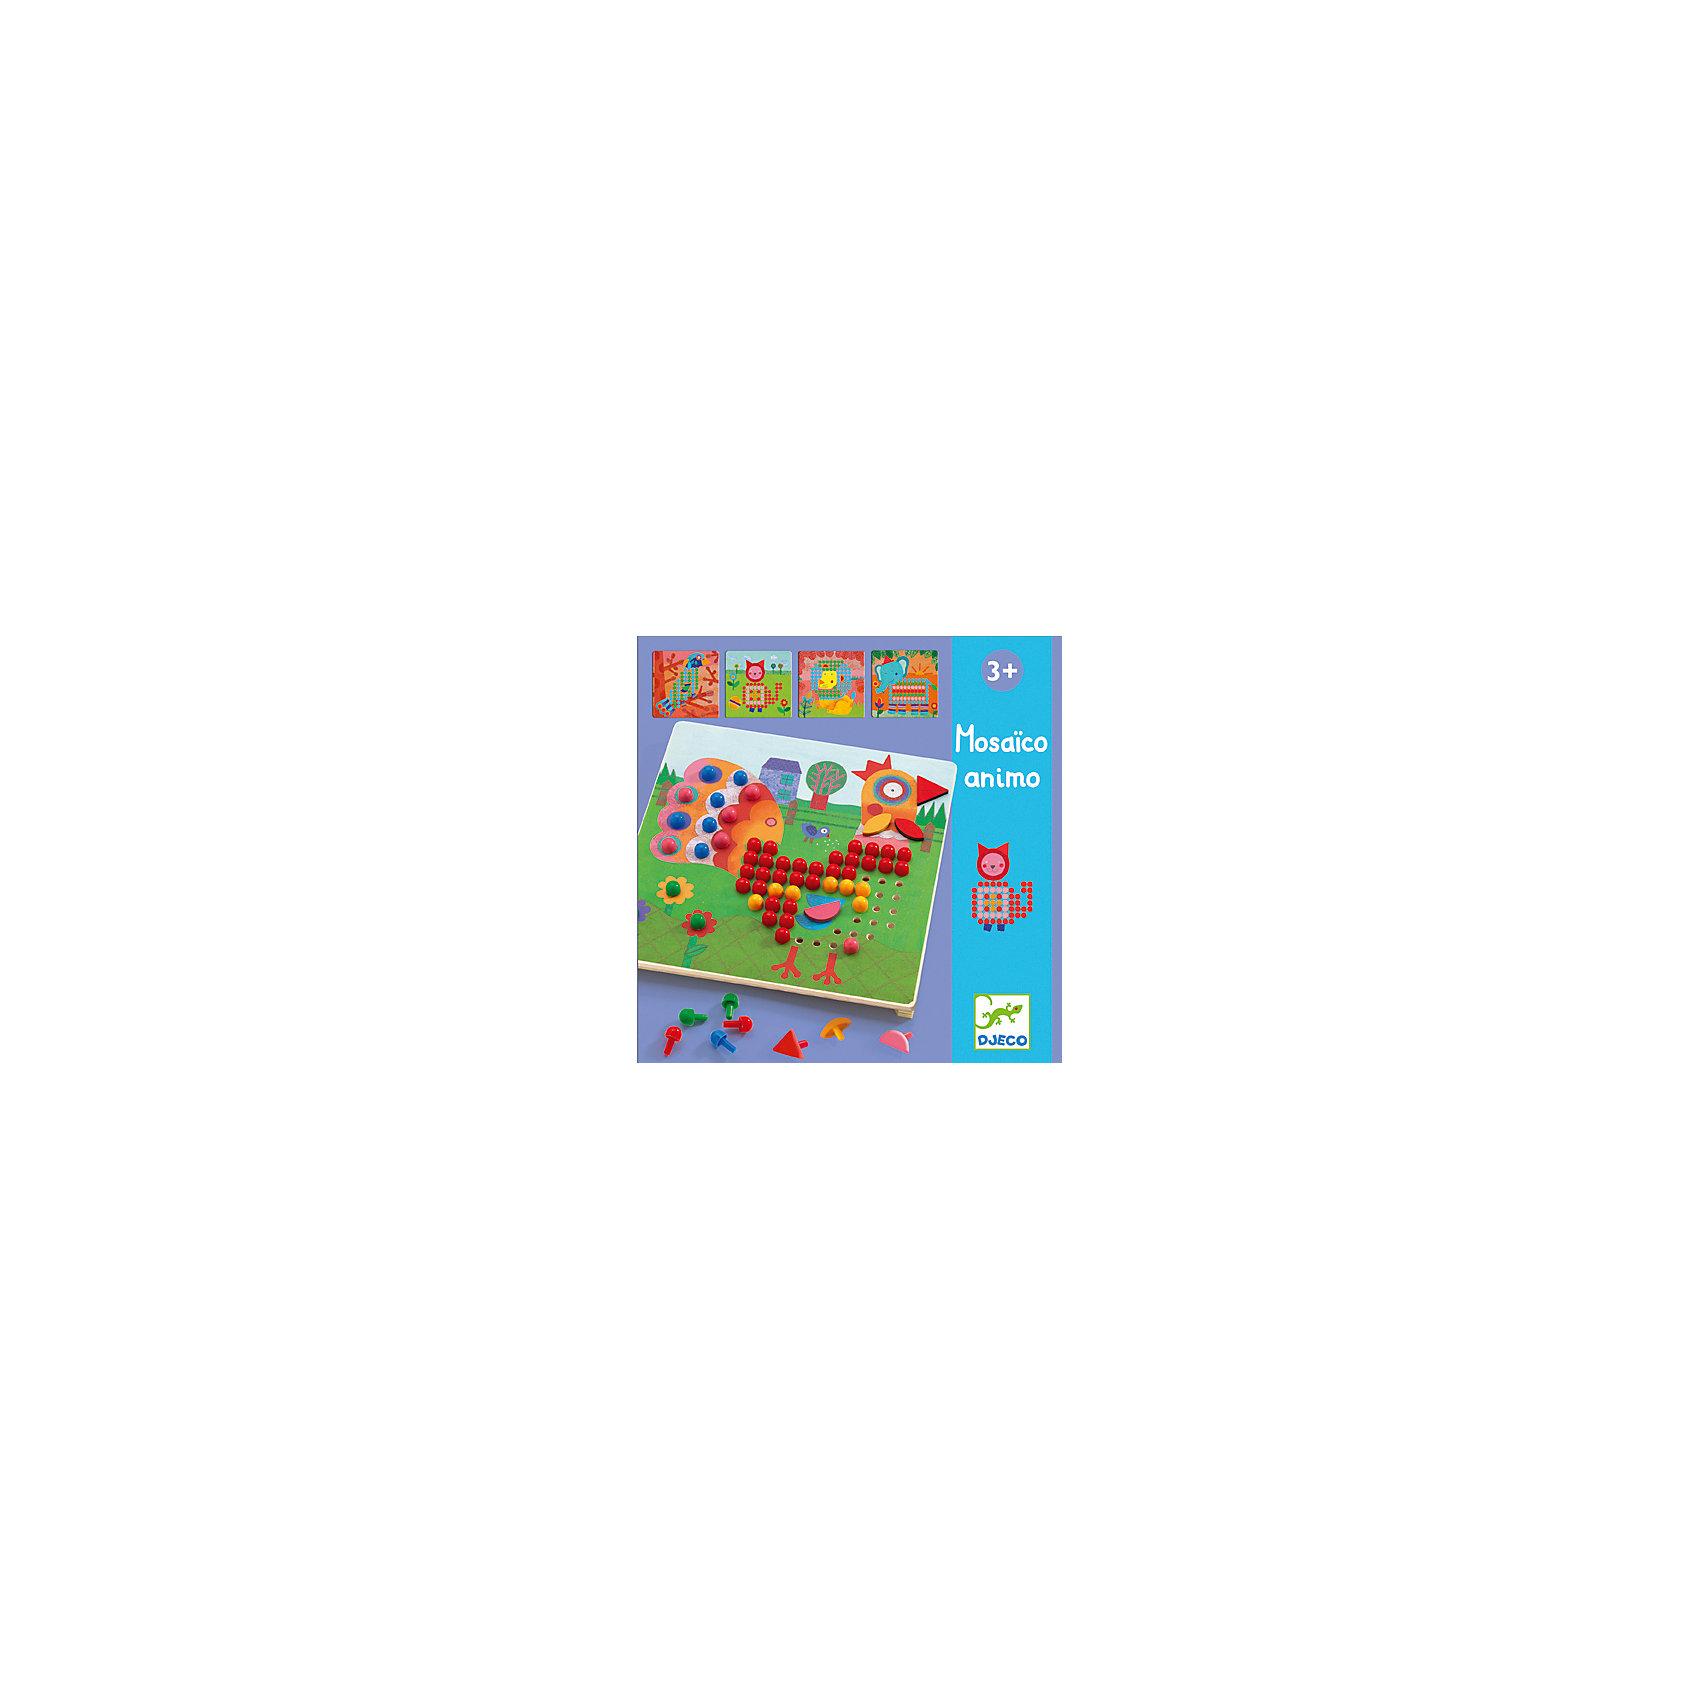 Мозаика Животные, DJECOМозаика Животные, Djeco (Джеко) - красочная развивающая игра для самых маленьких. В комплект входит деревянная основа, 8 трафаретов со схематичными изображениями животных и набор разноцветных гвоздиков разной формы. Малышу предлагается собрать понравившуюся картинку, заполнив цветными гвоздиками отверстия на трафарете. Итогом работы станет красочное изображение петушка, слоненка, львенка, павлина и других животных. Все детали изготовлены из высококачественных материалов и покрыты безопасными красками. Набор развивает фантазию и воображение, мелкую моторику, логическое мышление и сообразительность. <br><br>Дополнительная информация:<br><br>- В комплекте: деревянная основа, 8 трафаретов, 230 пластиковых гвоздиков разной формы.<br>- Материал: дерево, пластик.<br>- Размер упаковки: 21,5 х 21,5 х 5 см.<br><br>Мозаику Животные, Djeco (Джеко), можно купить в нашем интернет-магазине.<br><br>Ширина мм: 220<br>Глубина мм: 280<br>Высота мм: 10<br>Вес г: 510<br>Возраст от месяцев: 36<br>Возраст до месяцев: 72<br>Пол: Унисекс<br>Возраст: Детский<br>SKU: 4215037